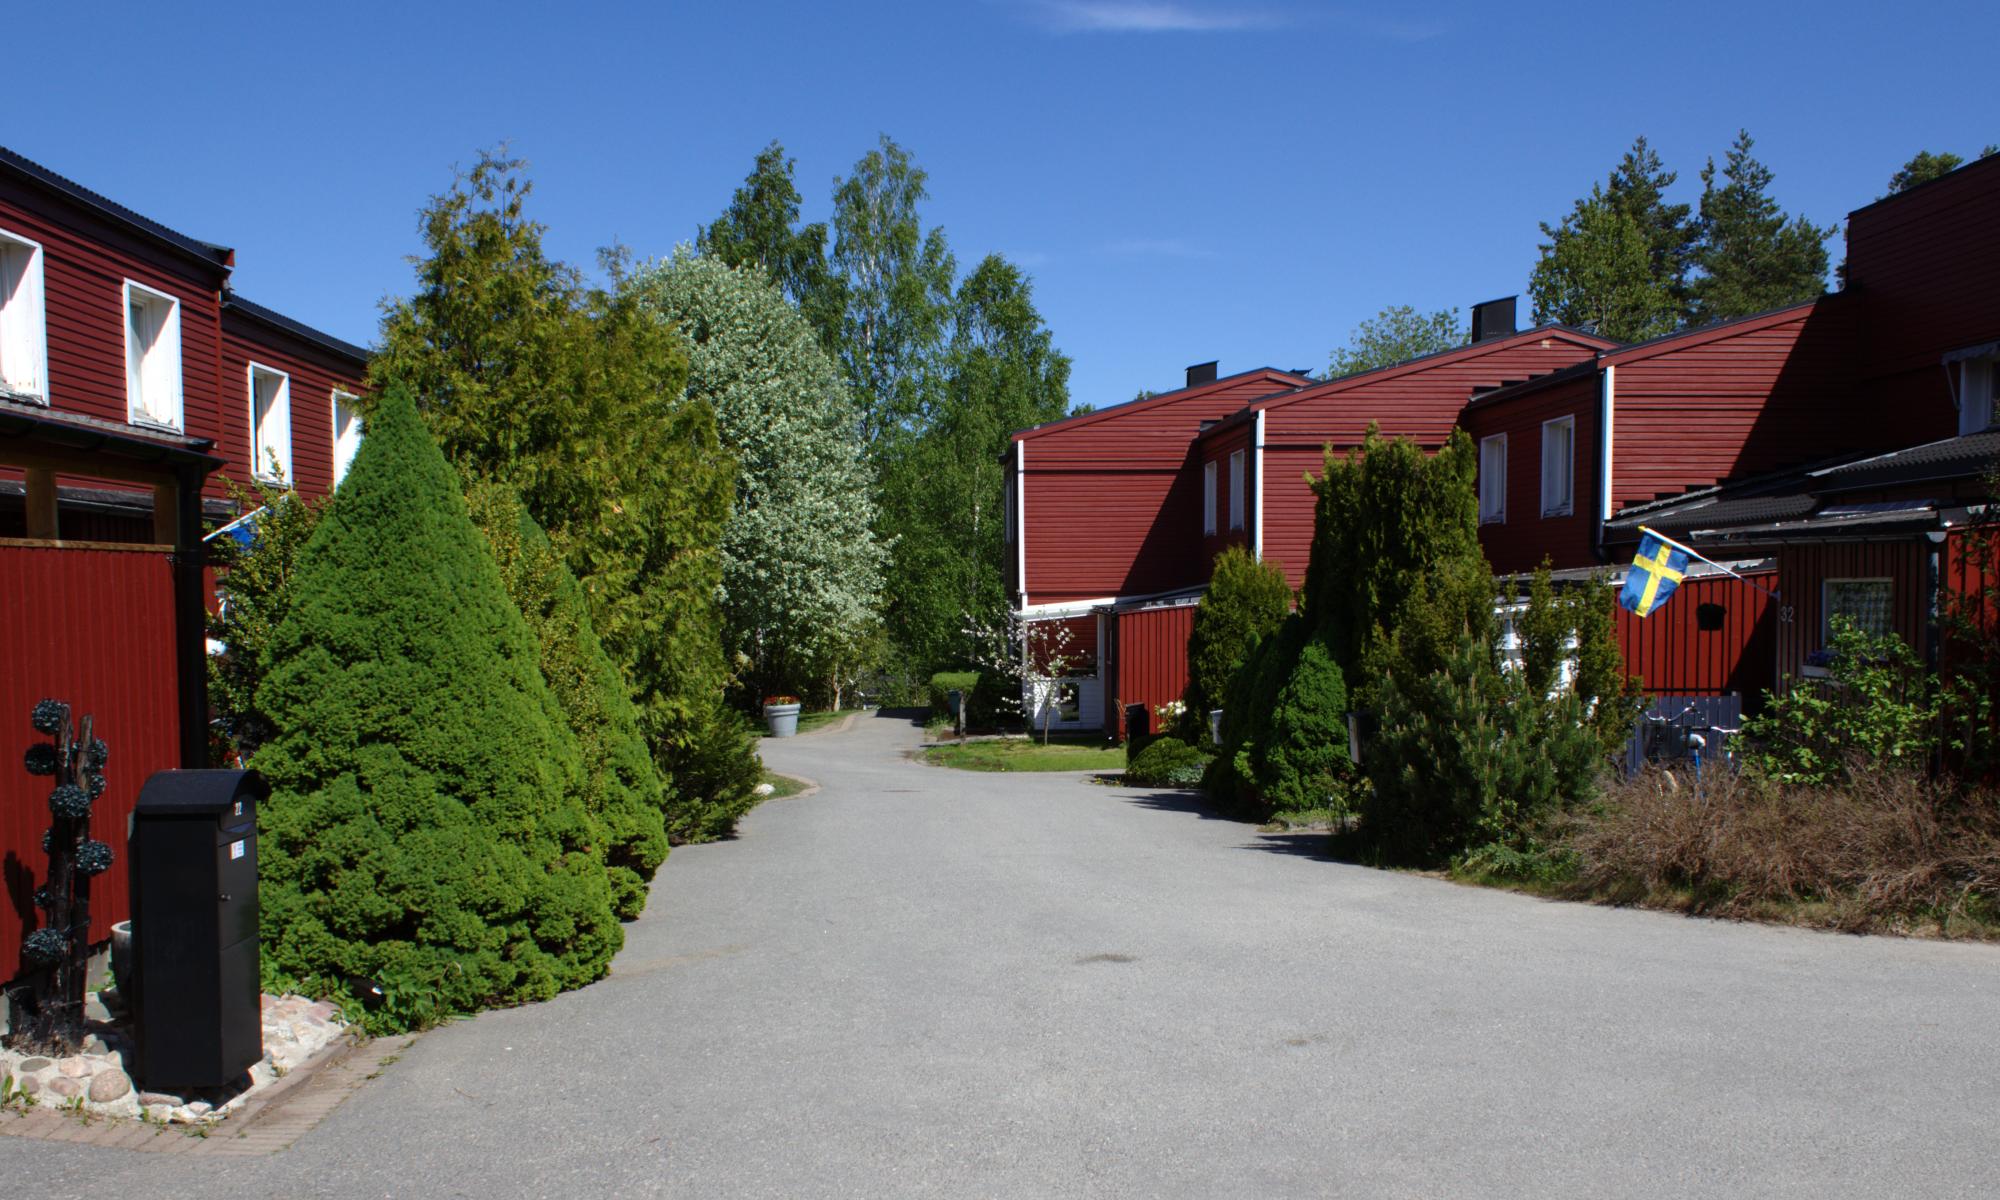 Brf Mårtensberg